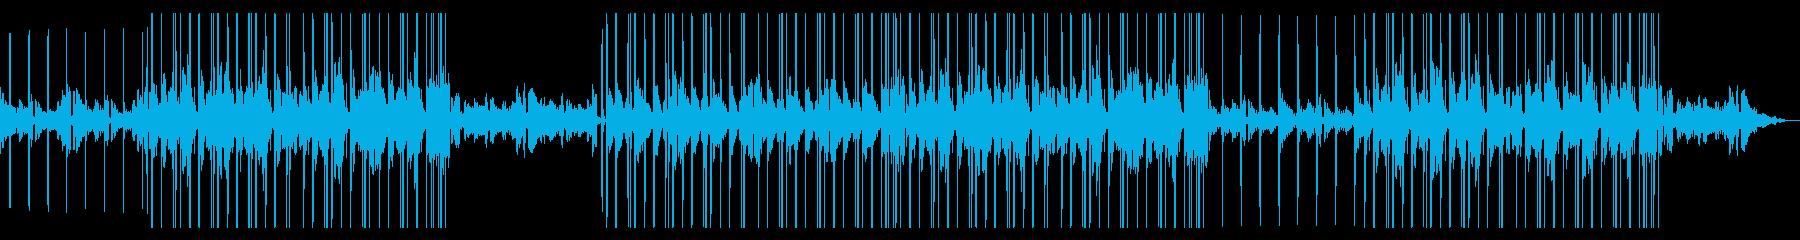 暖かい かわいい リラックス Lo-Fiの再生済みの波形